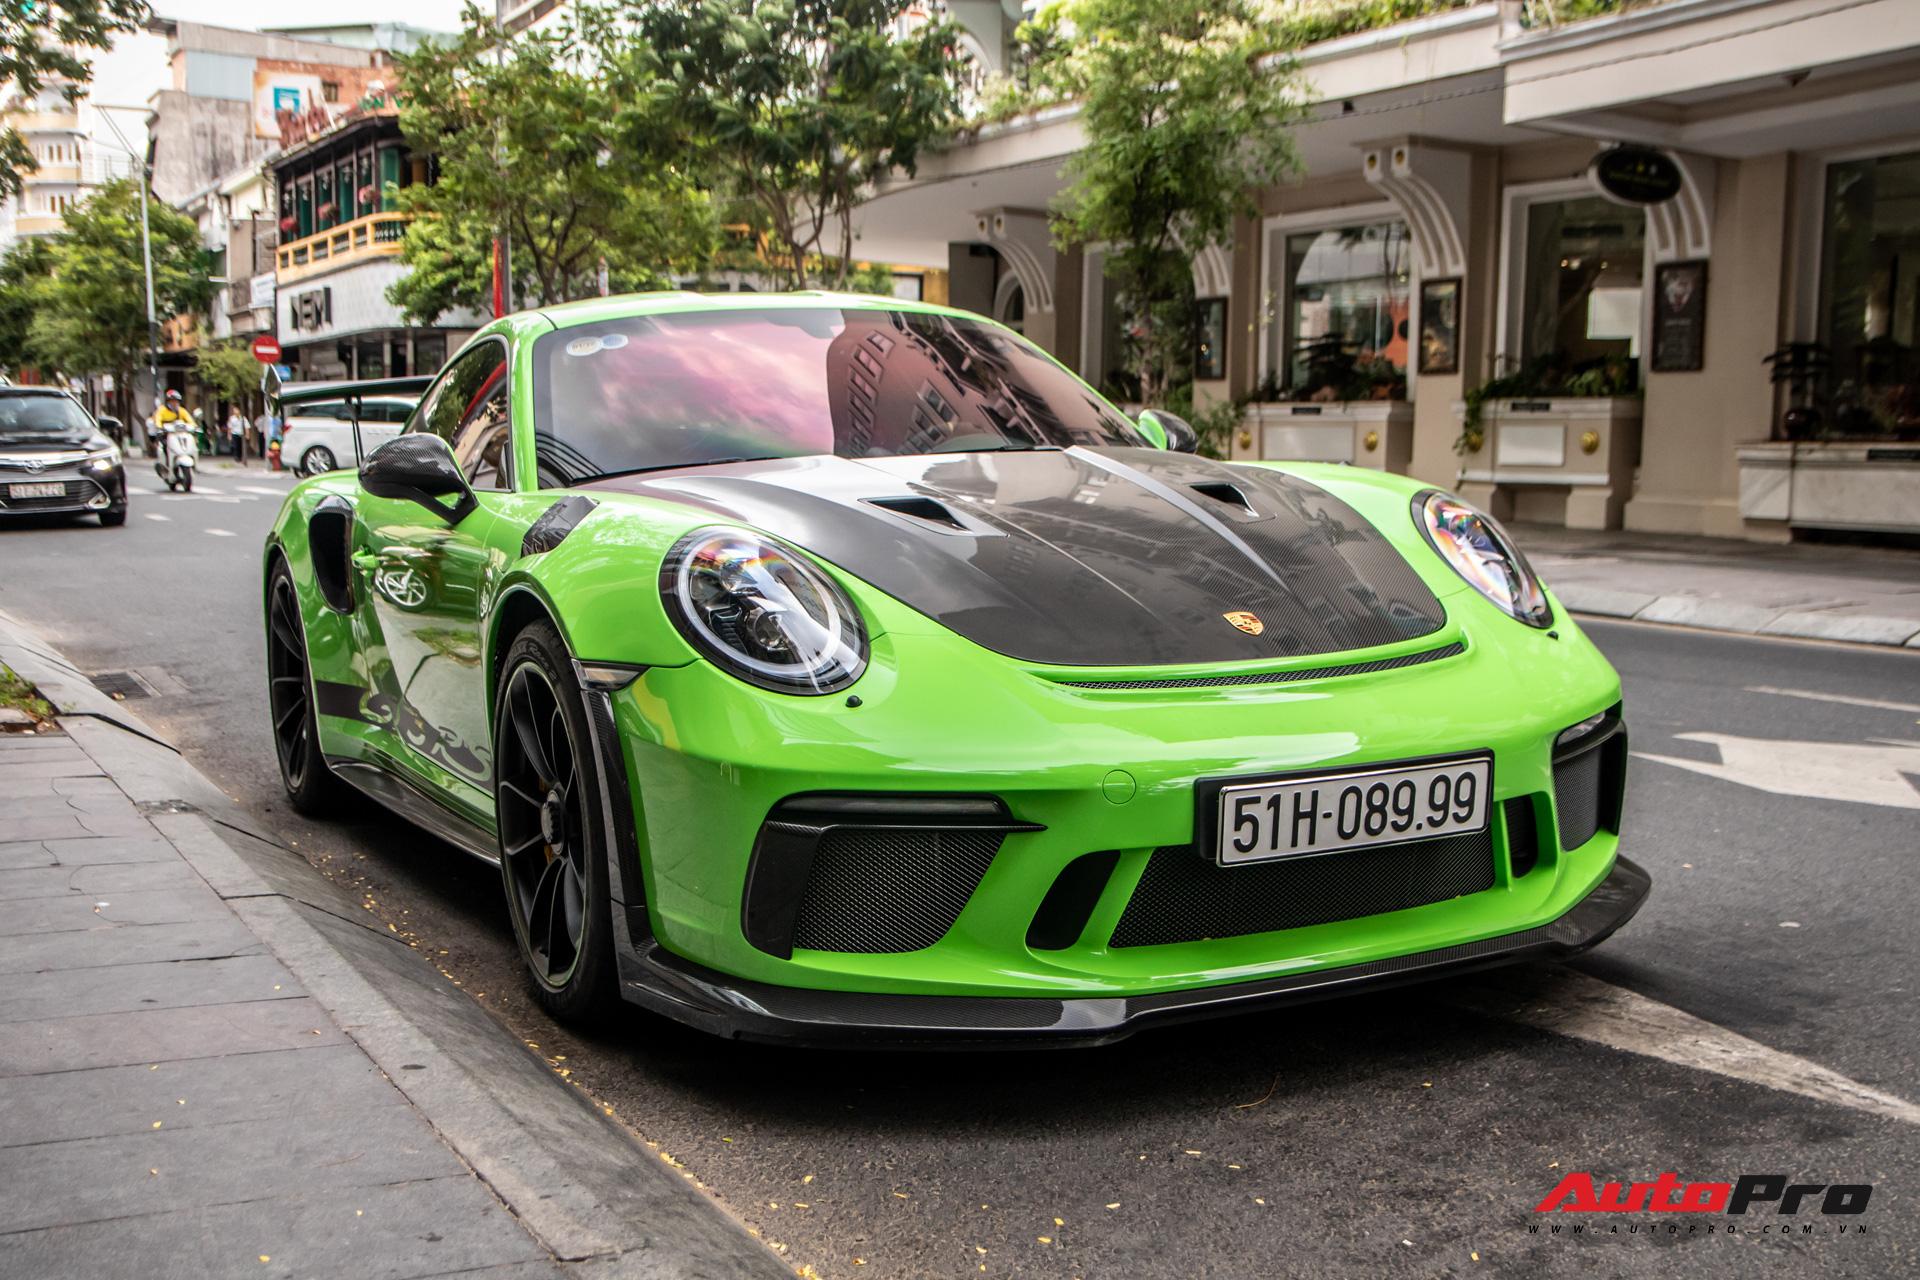 Đại gia Việt có cơ hội mua Porsche giá rẻ trong tương lai gần nhờ thay đổi này của hãng xe Đức